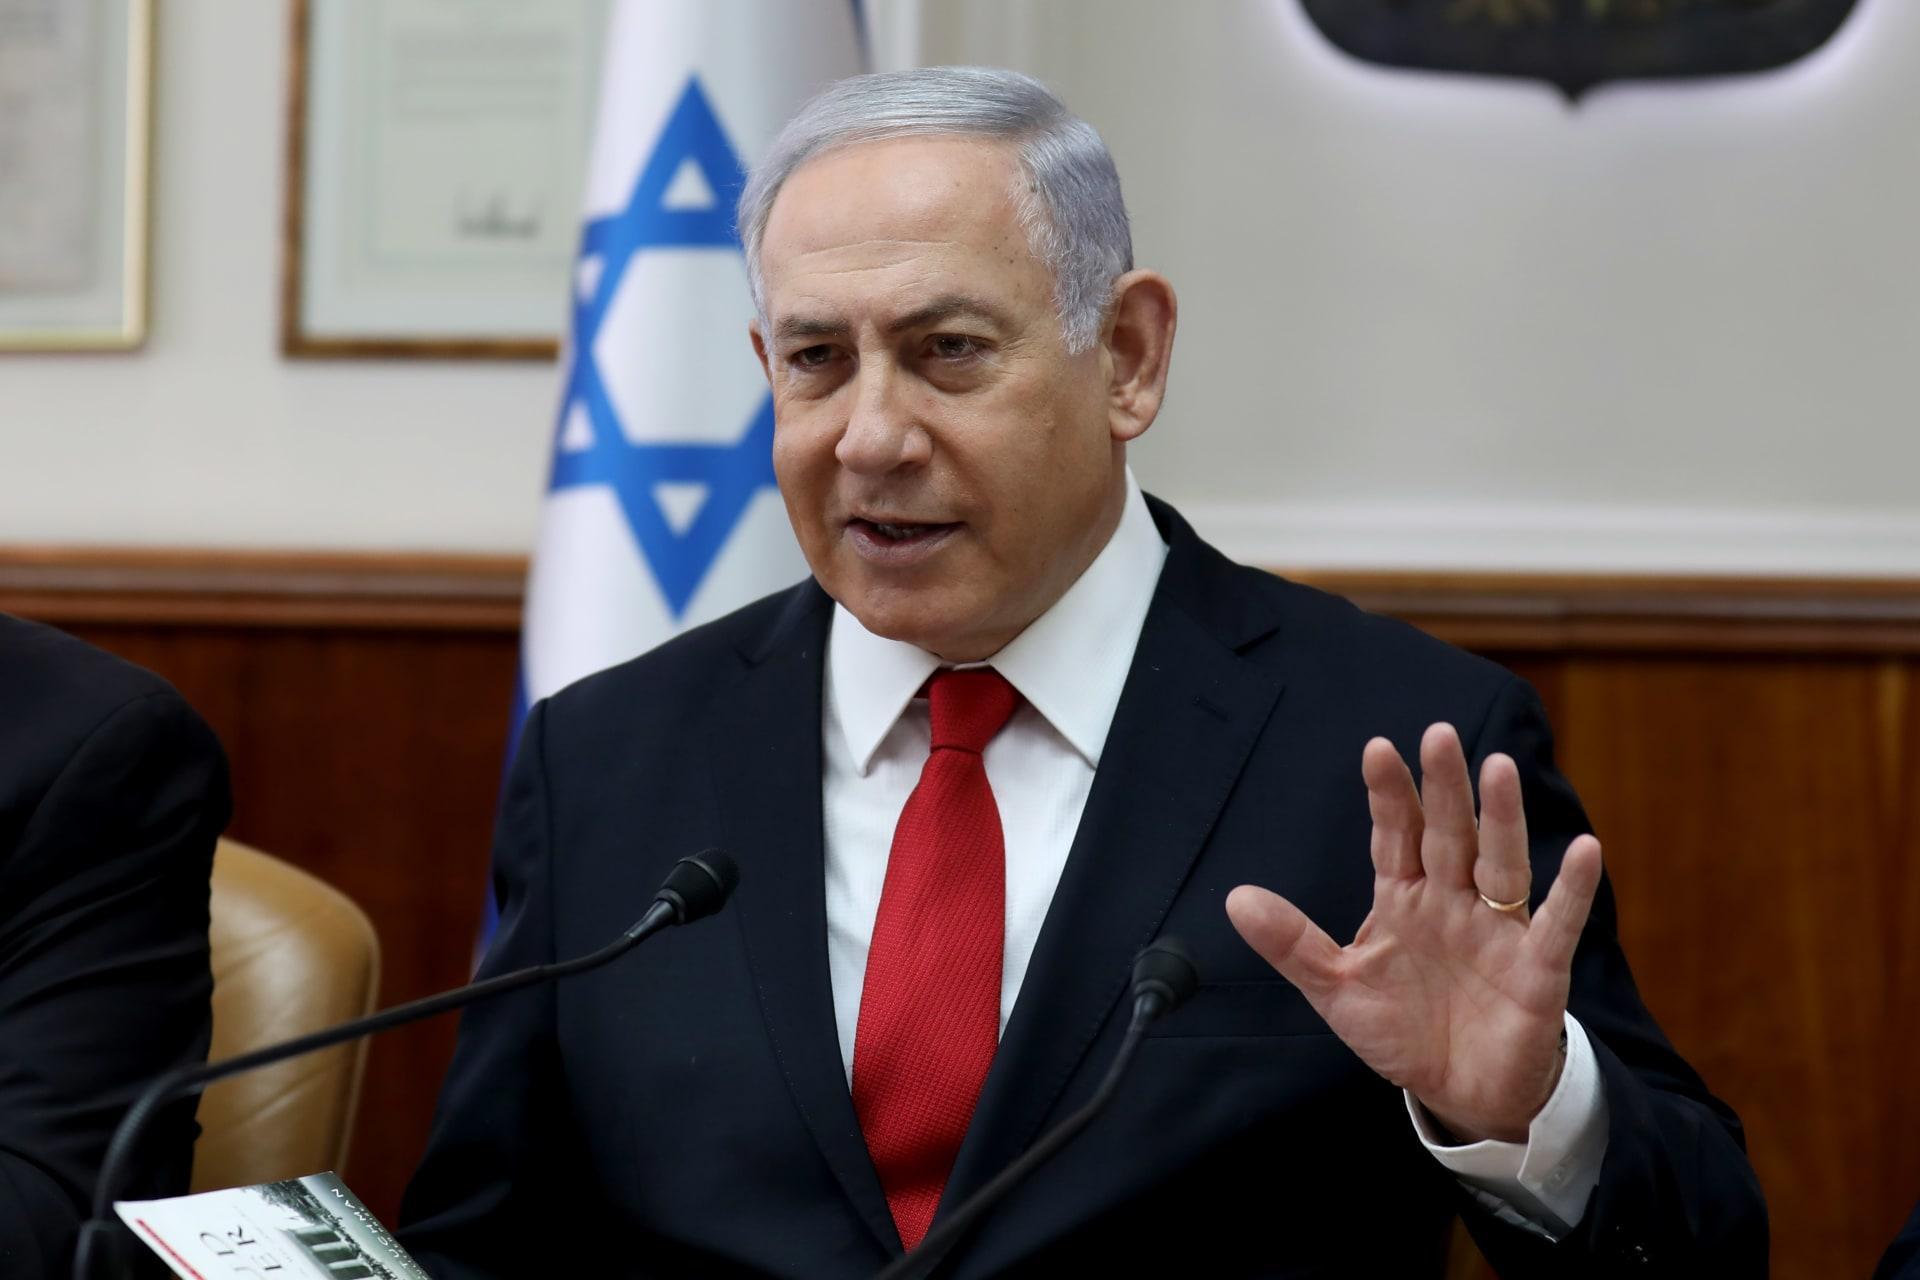 الحكومة الإسرائيلية تعلن عودة السفير الأردني خلال أيام